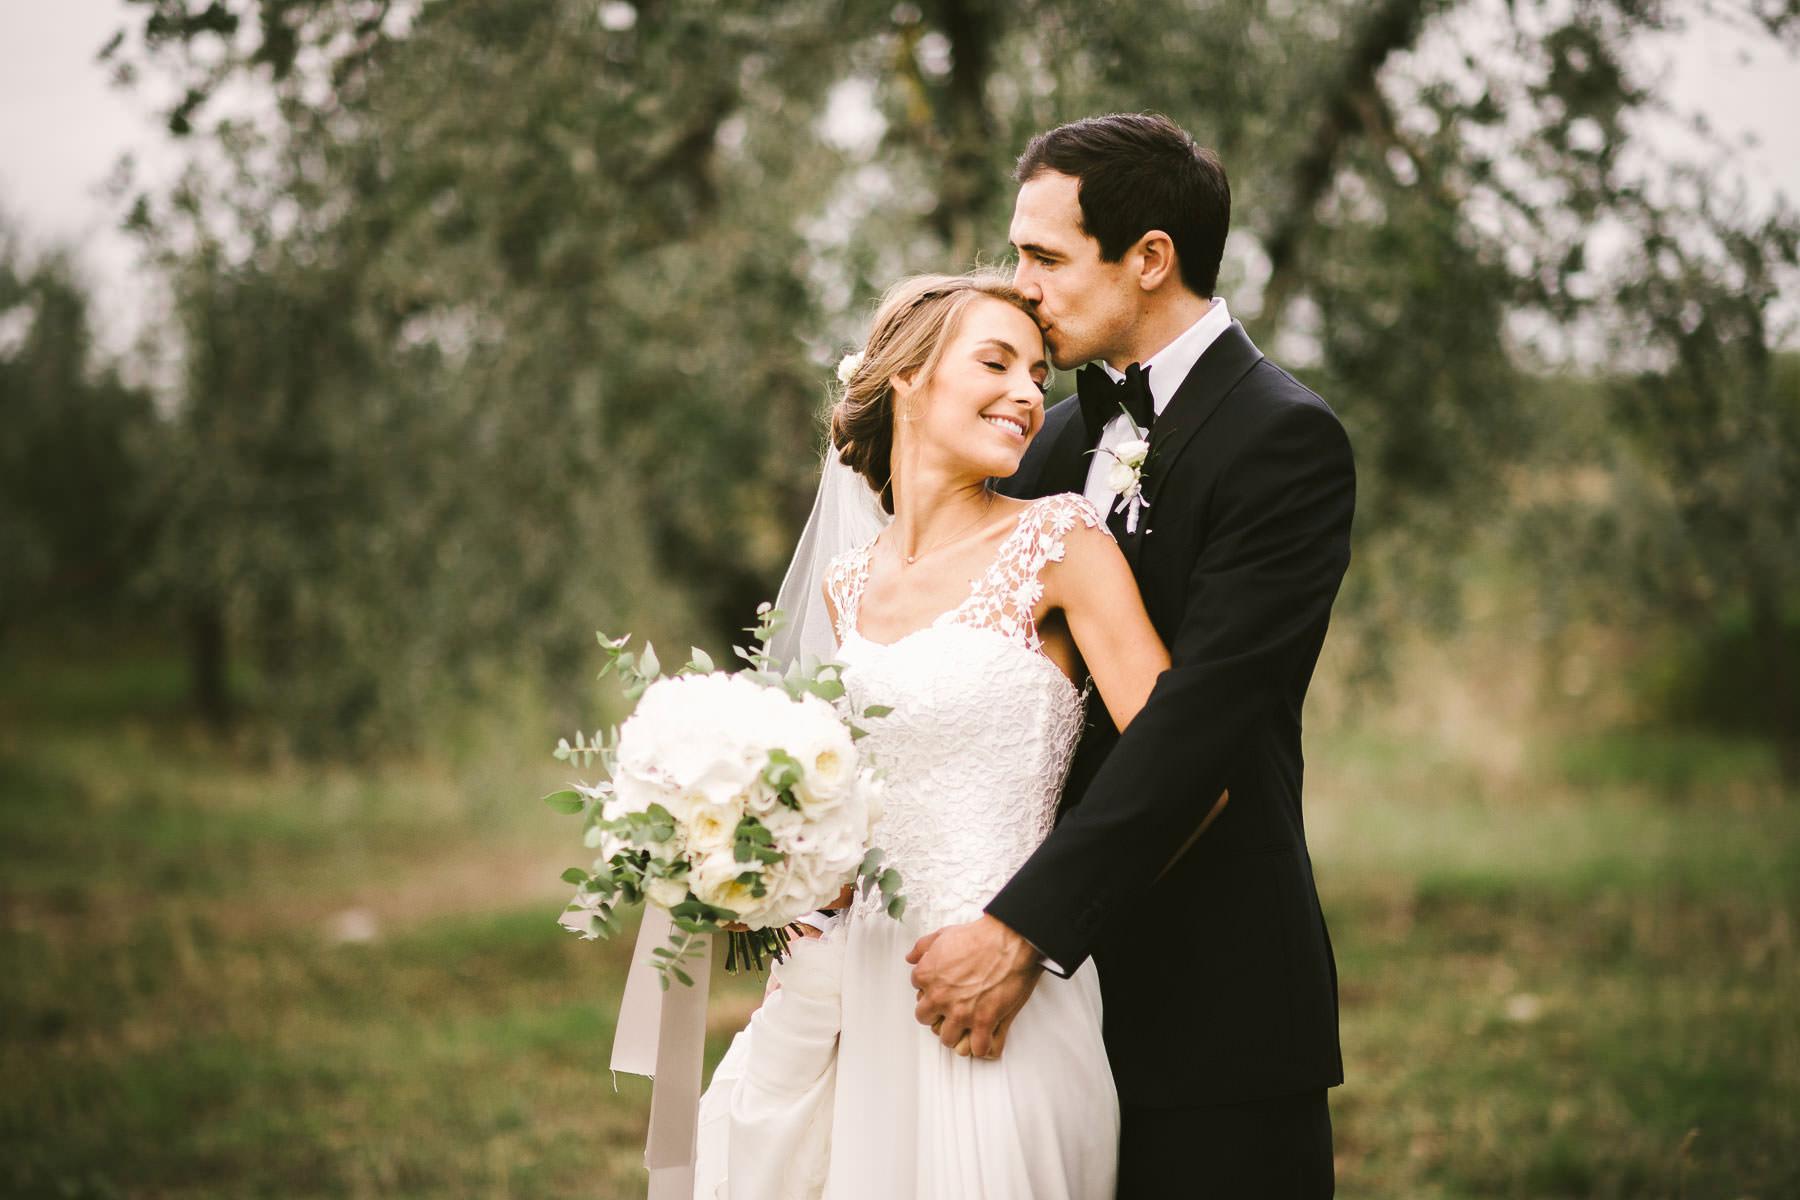 Italian Wedding Photographer in Tuscany based Florence Gabriele Fani